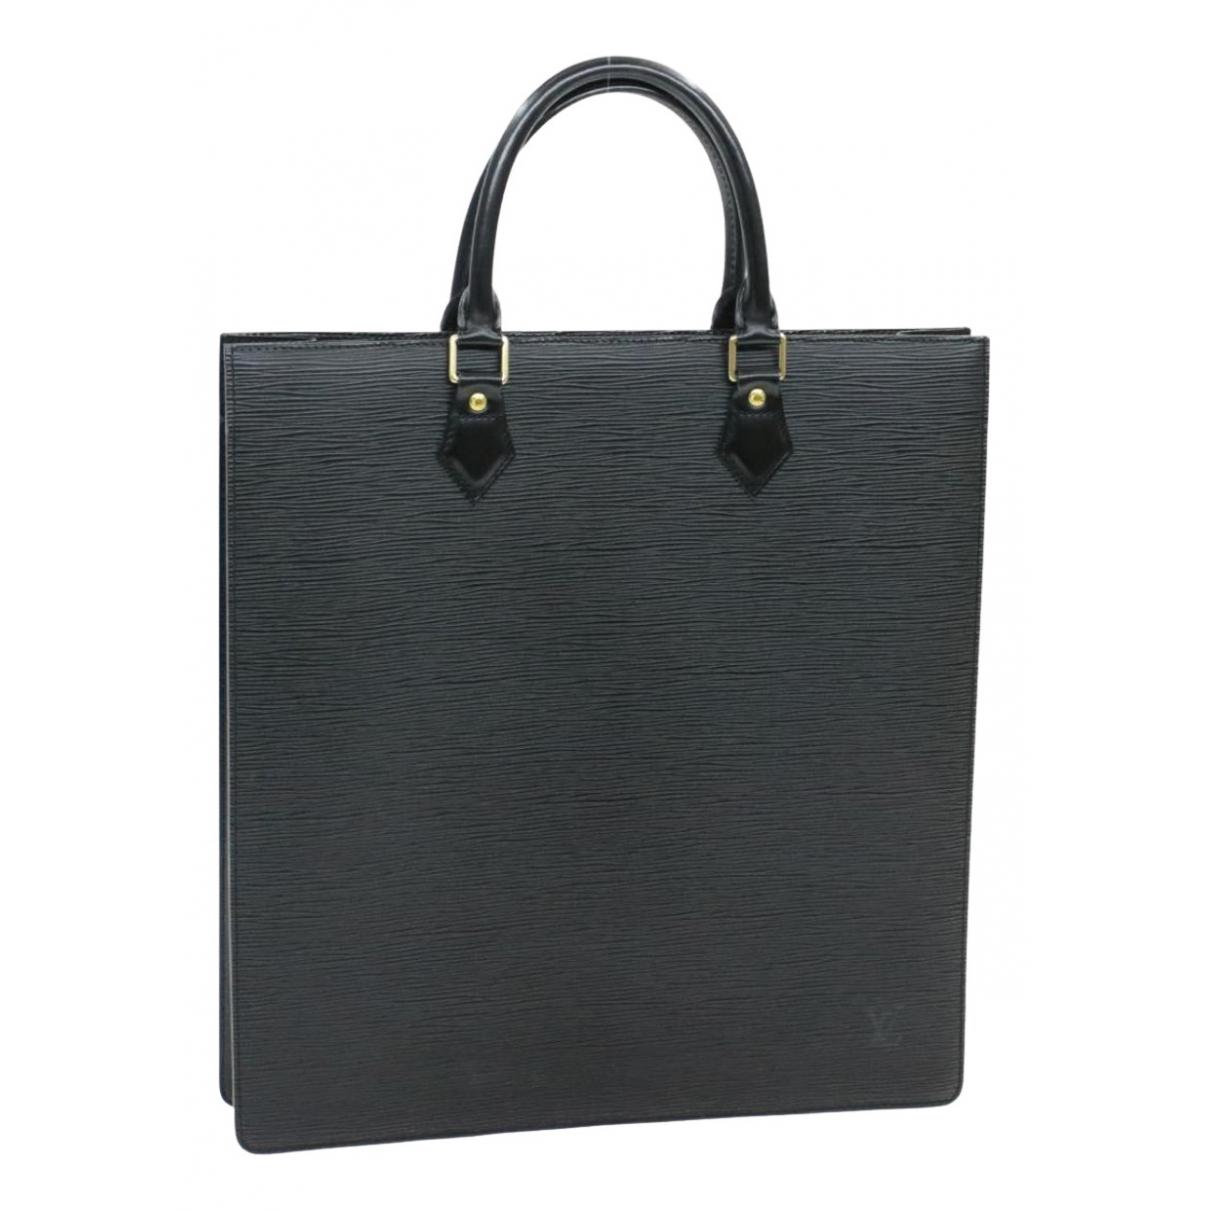 Louis Vuitton - Sac a main Plat pour femme en cuir - noir